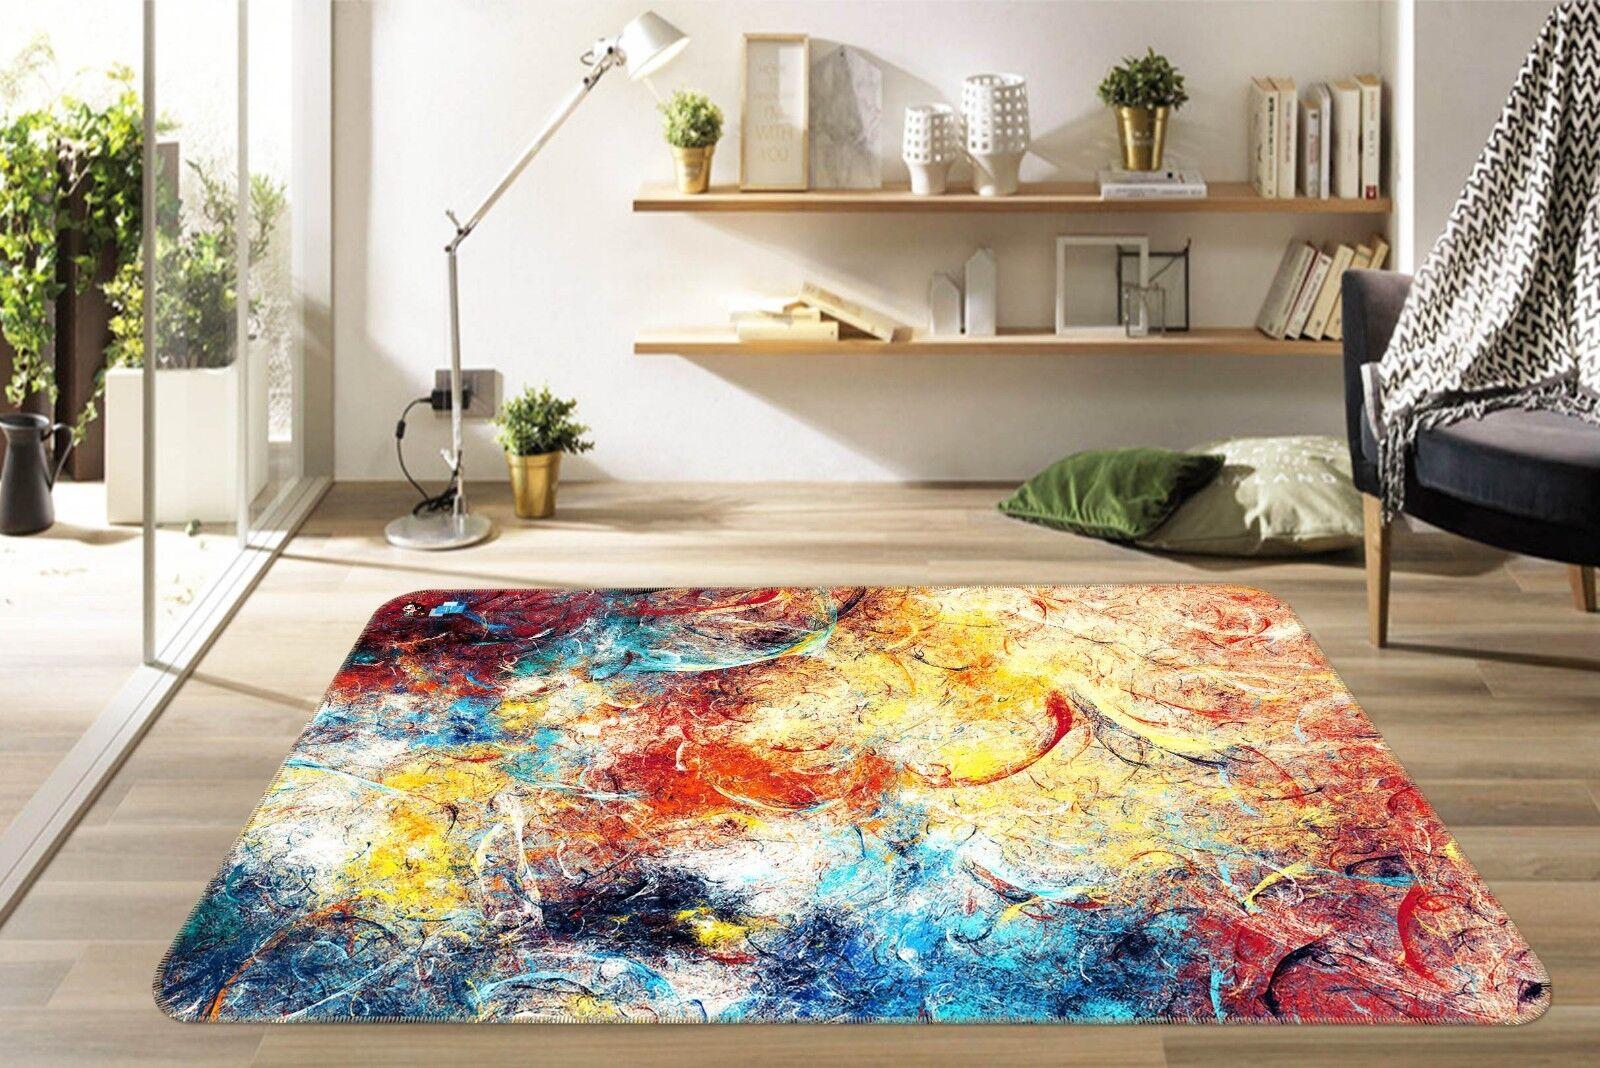 Alfombra 3D pintura al óleo pintada 99 antideslizante mat alfombra elegante alfombra de sala DE